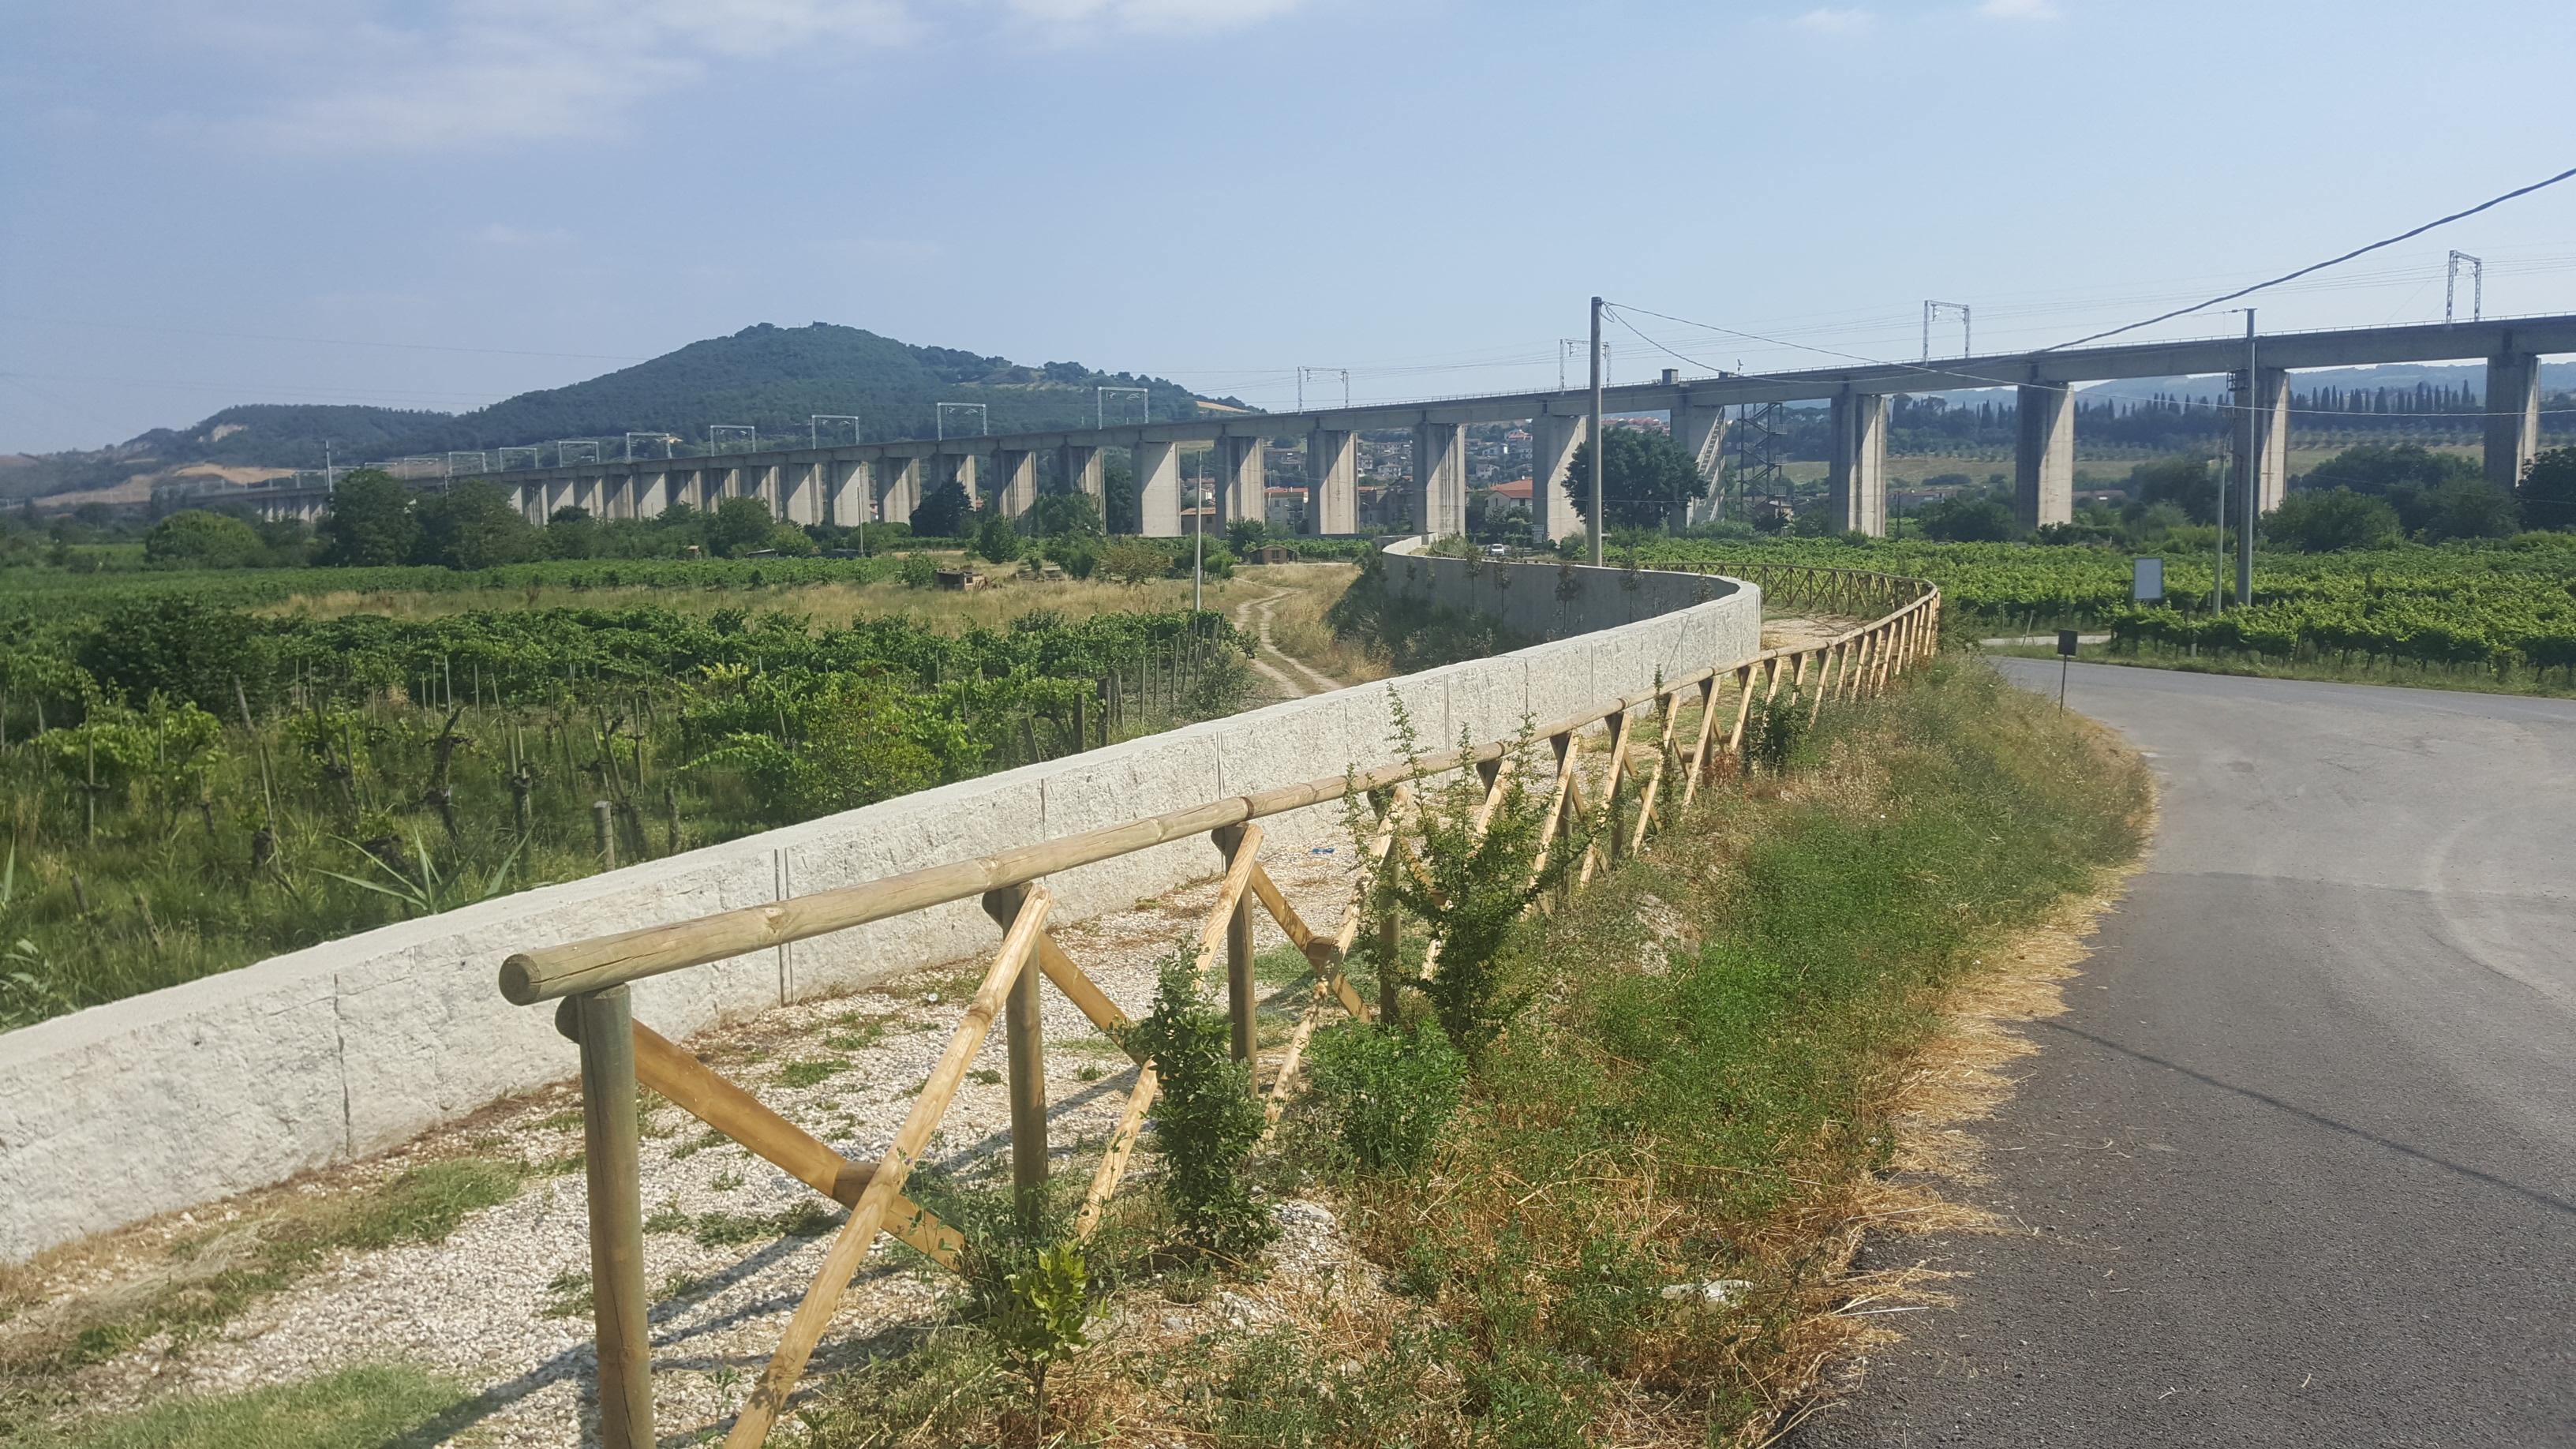 Opere difensive lungo il fiume Paglia duramente contestate da parte della popolazione di Allerona